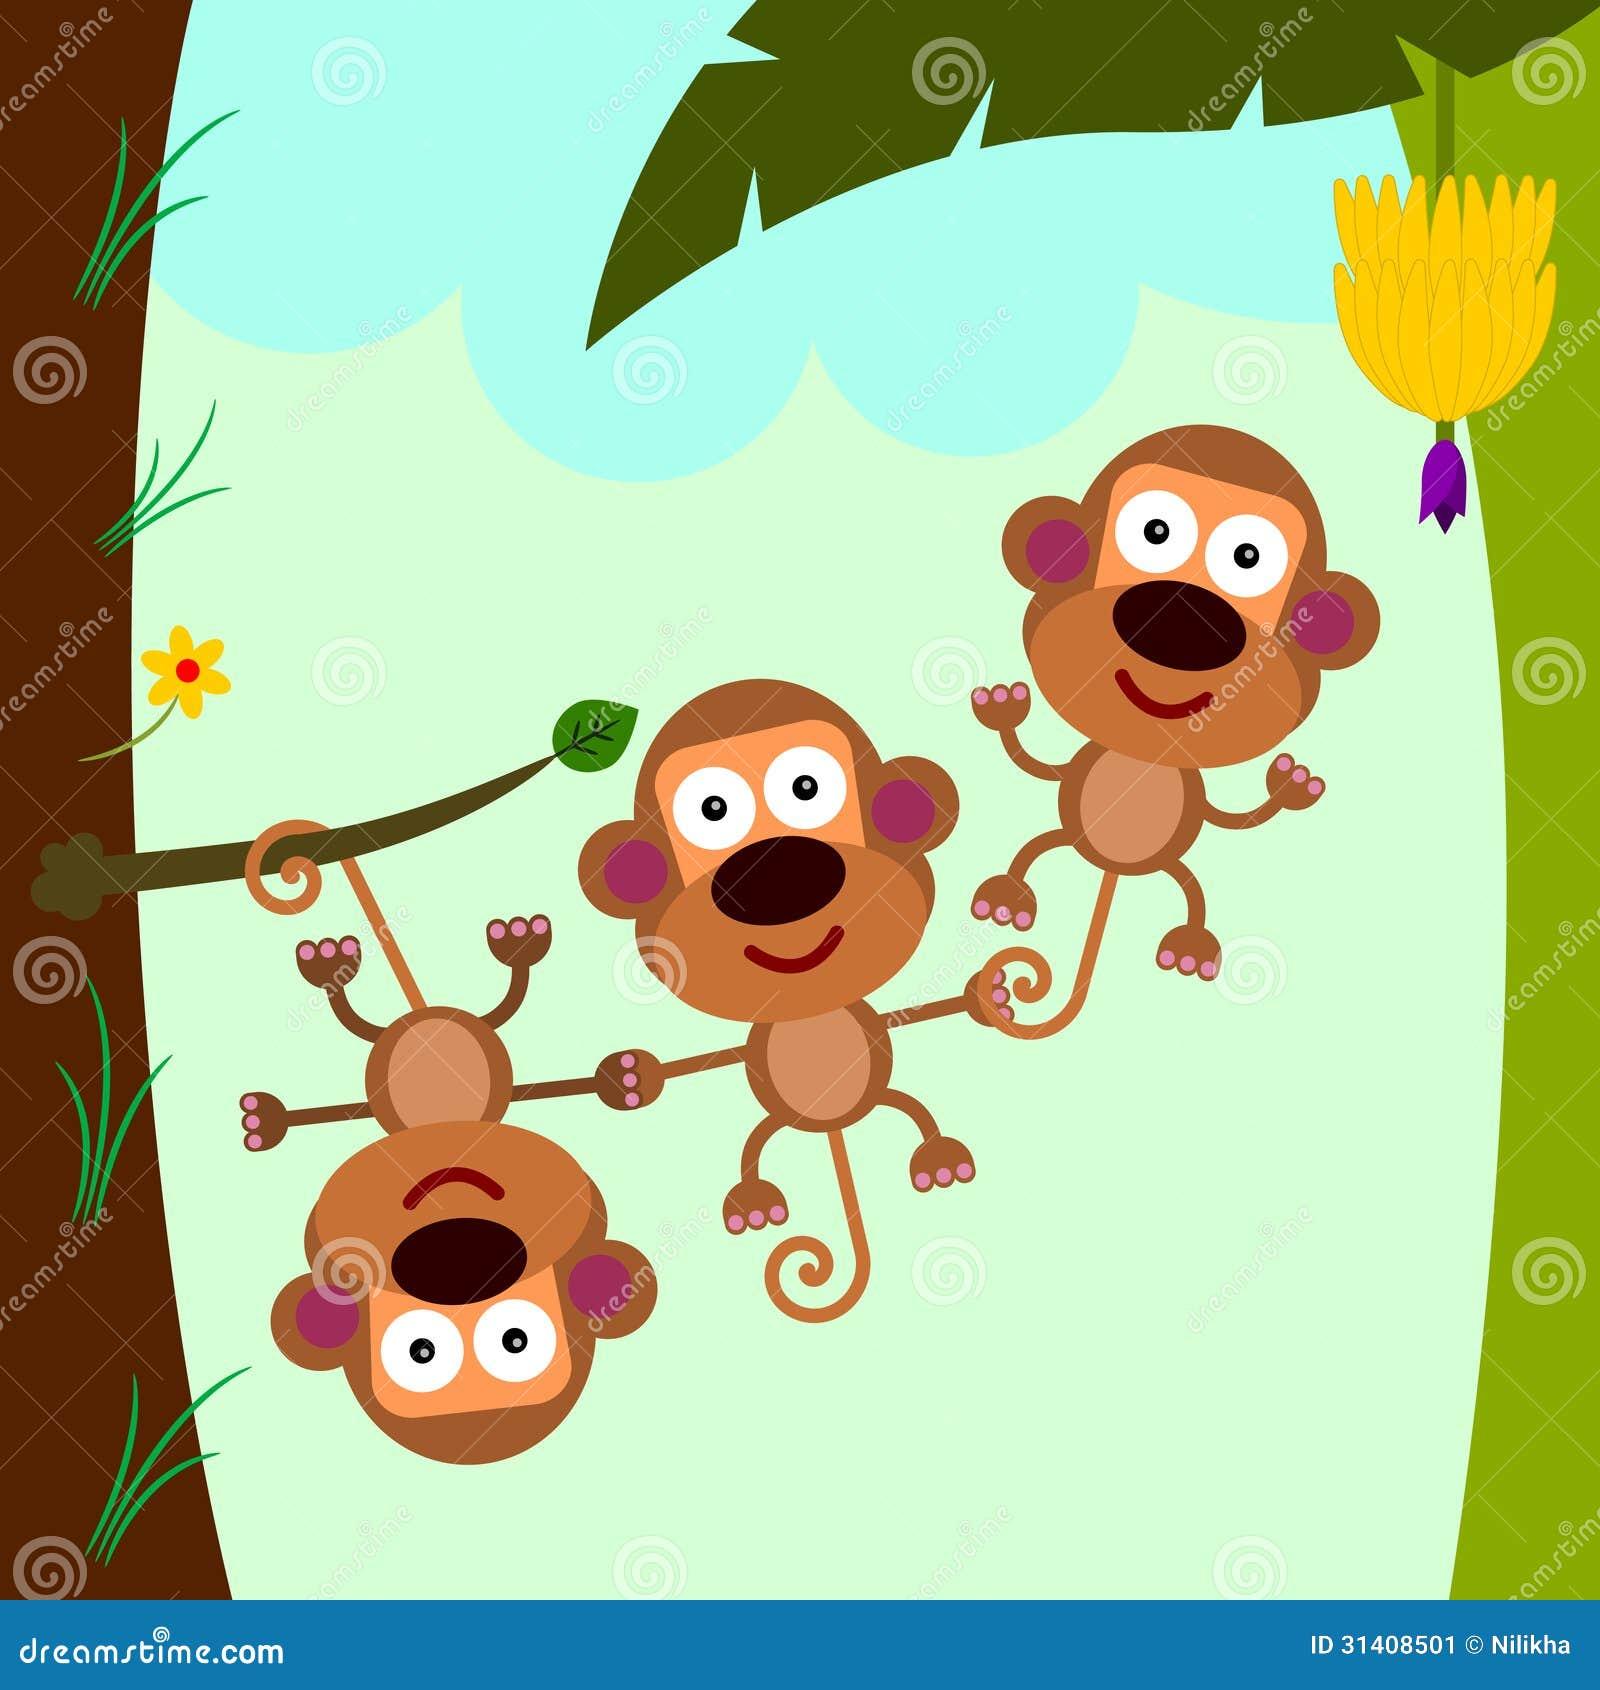 Monkey Teamwork Stock Illustration Illustration Of Tree